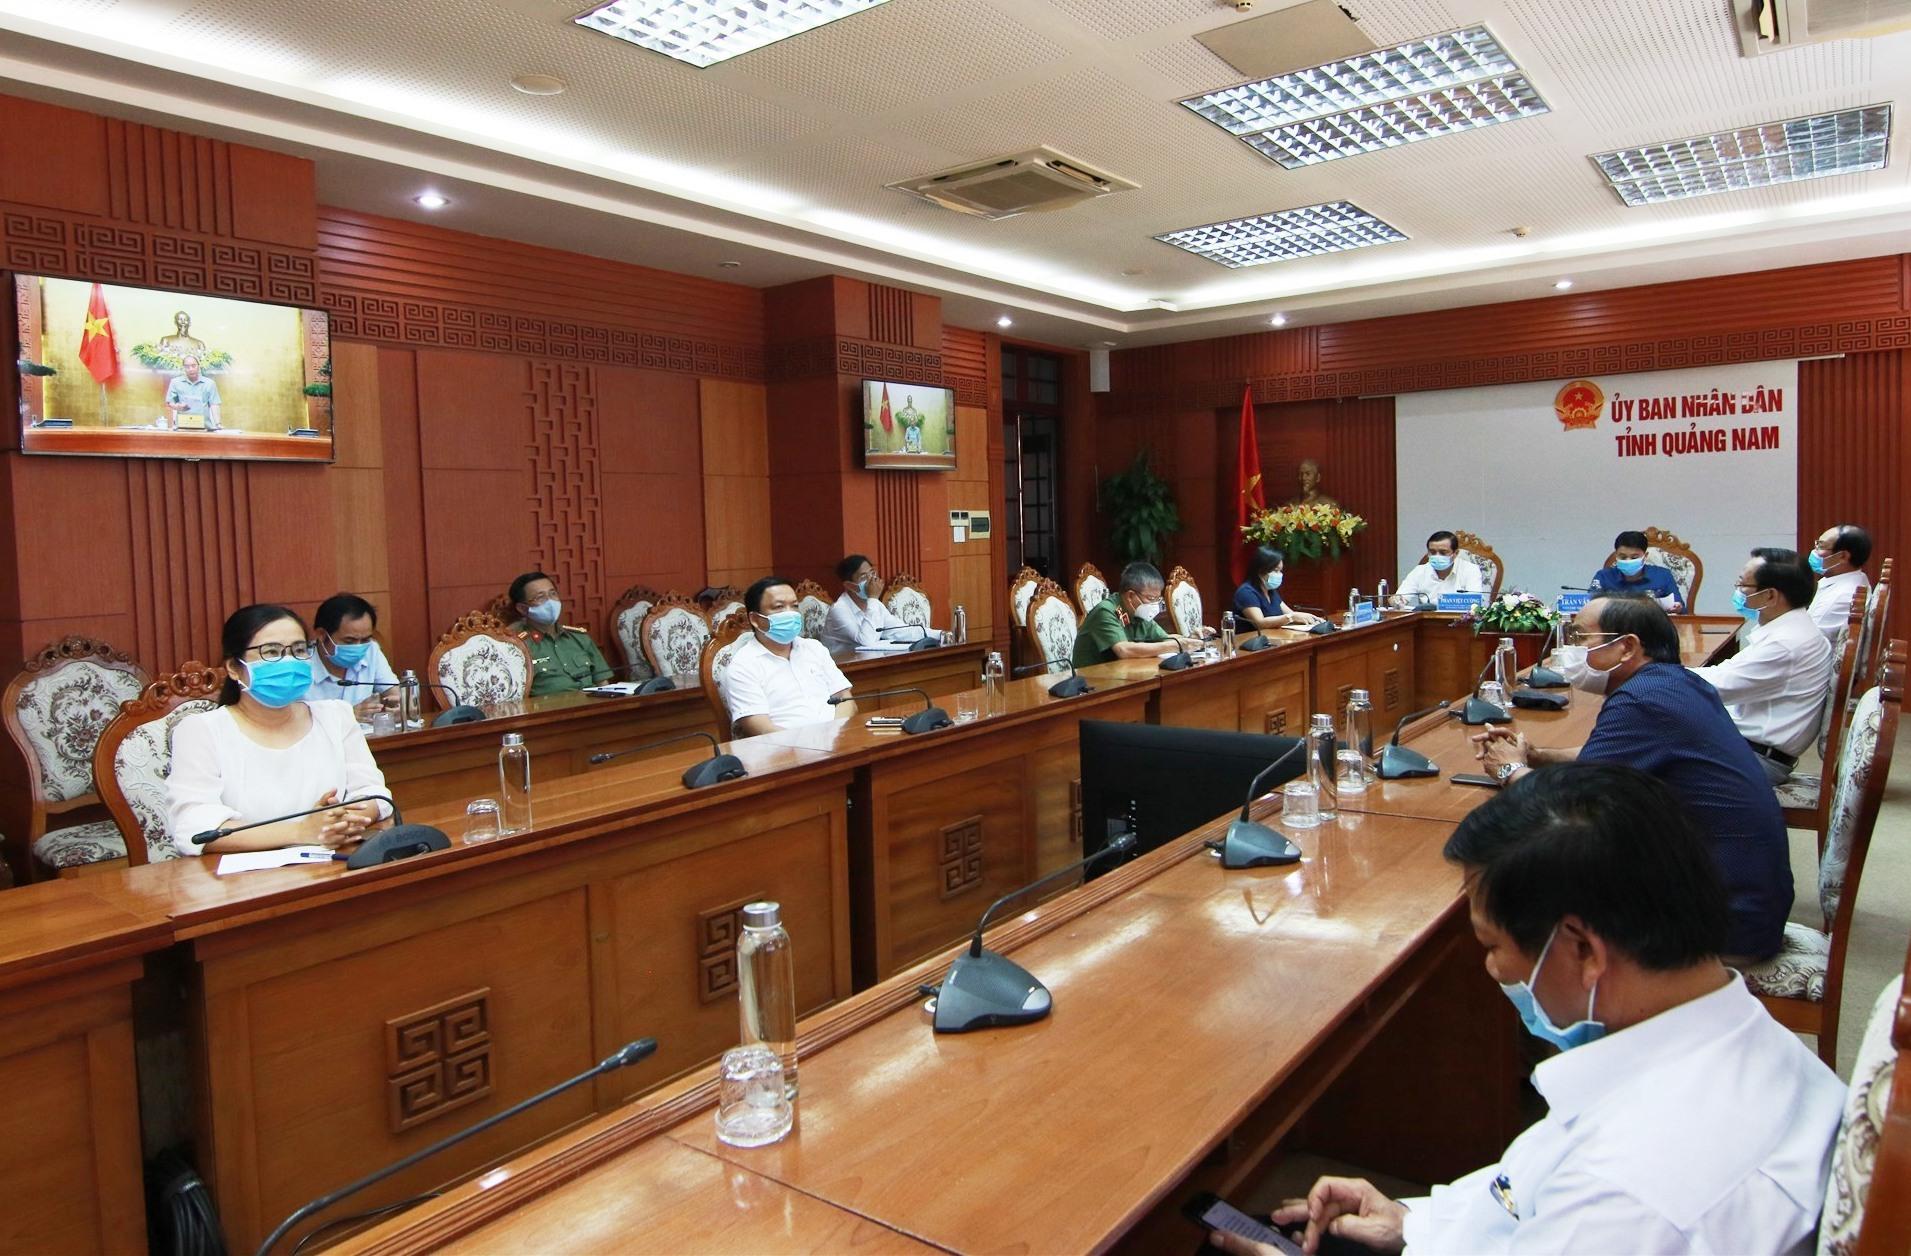 Bí thư Tỉnh ủy Phan Việt Cường và Phó Chủ tịch UBND tỉnh Trần Văn Tân chủ trì điểm cầu hội nghị trực tuyến tại Quảng Nam. Ảnh: T.C